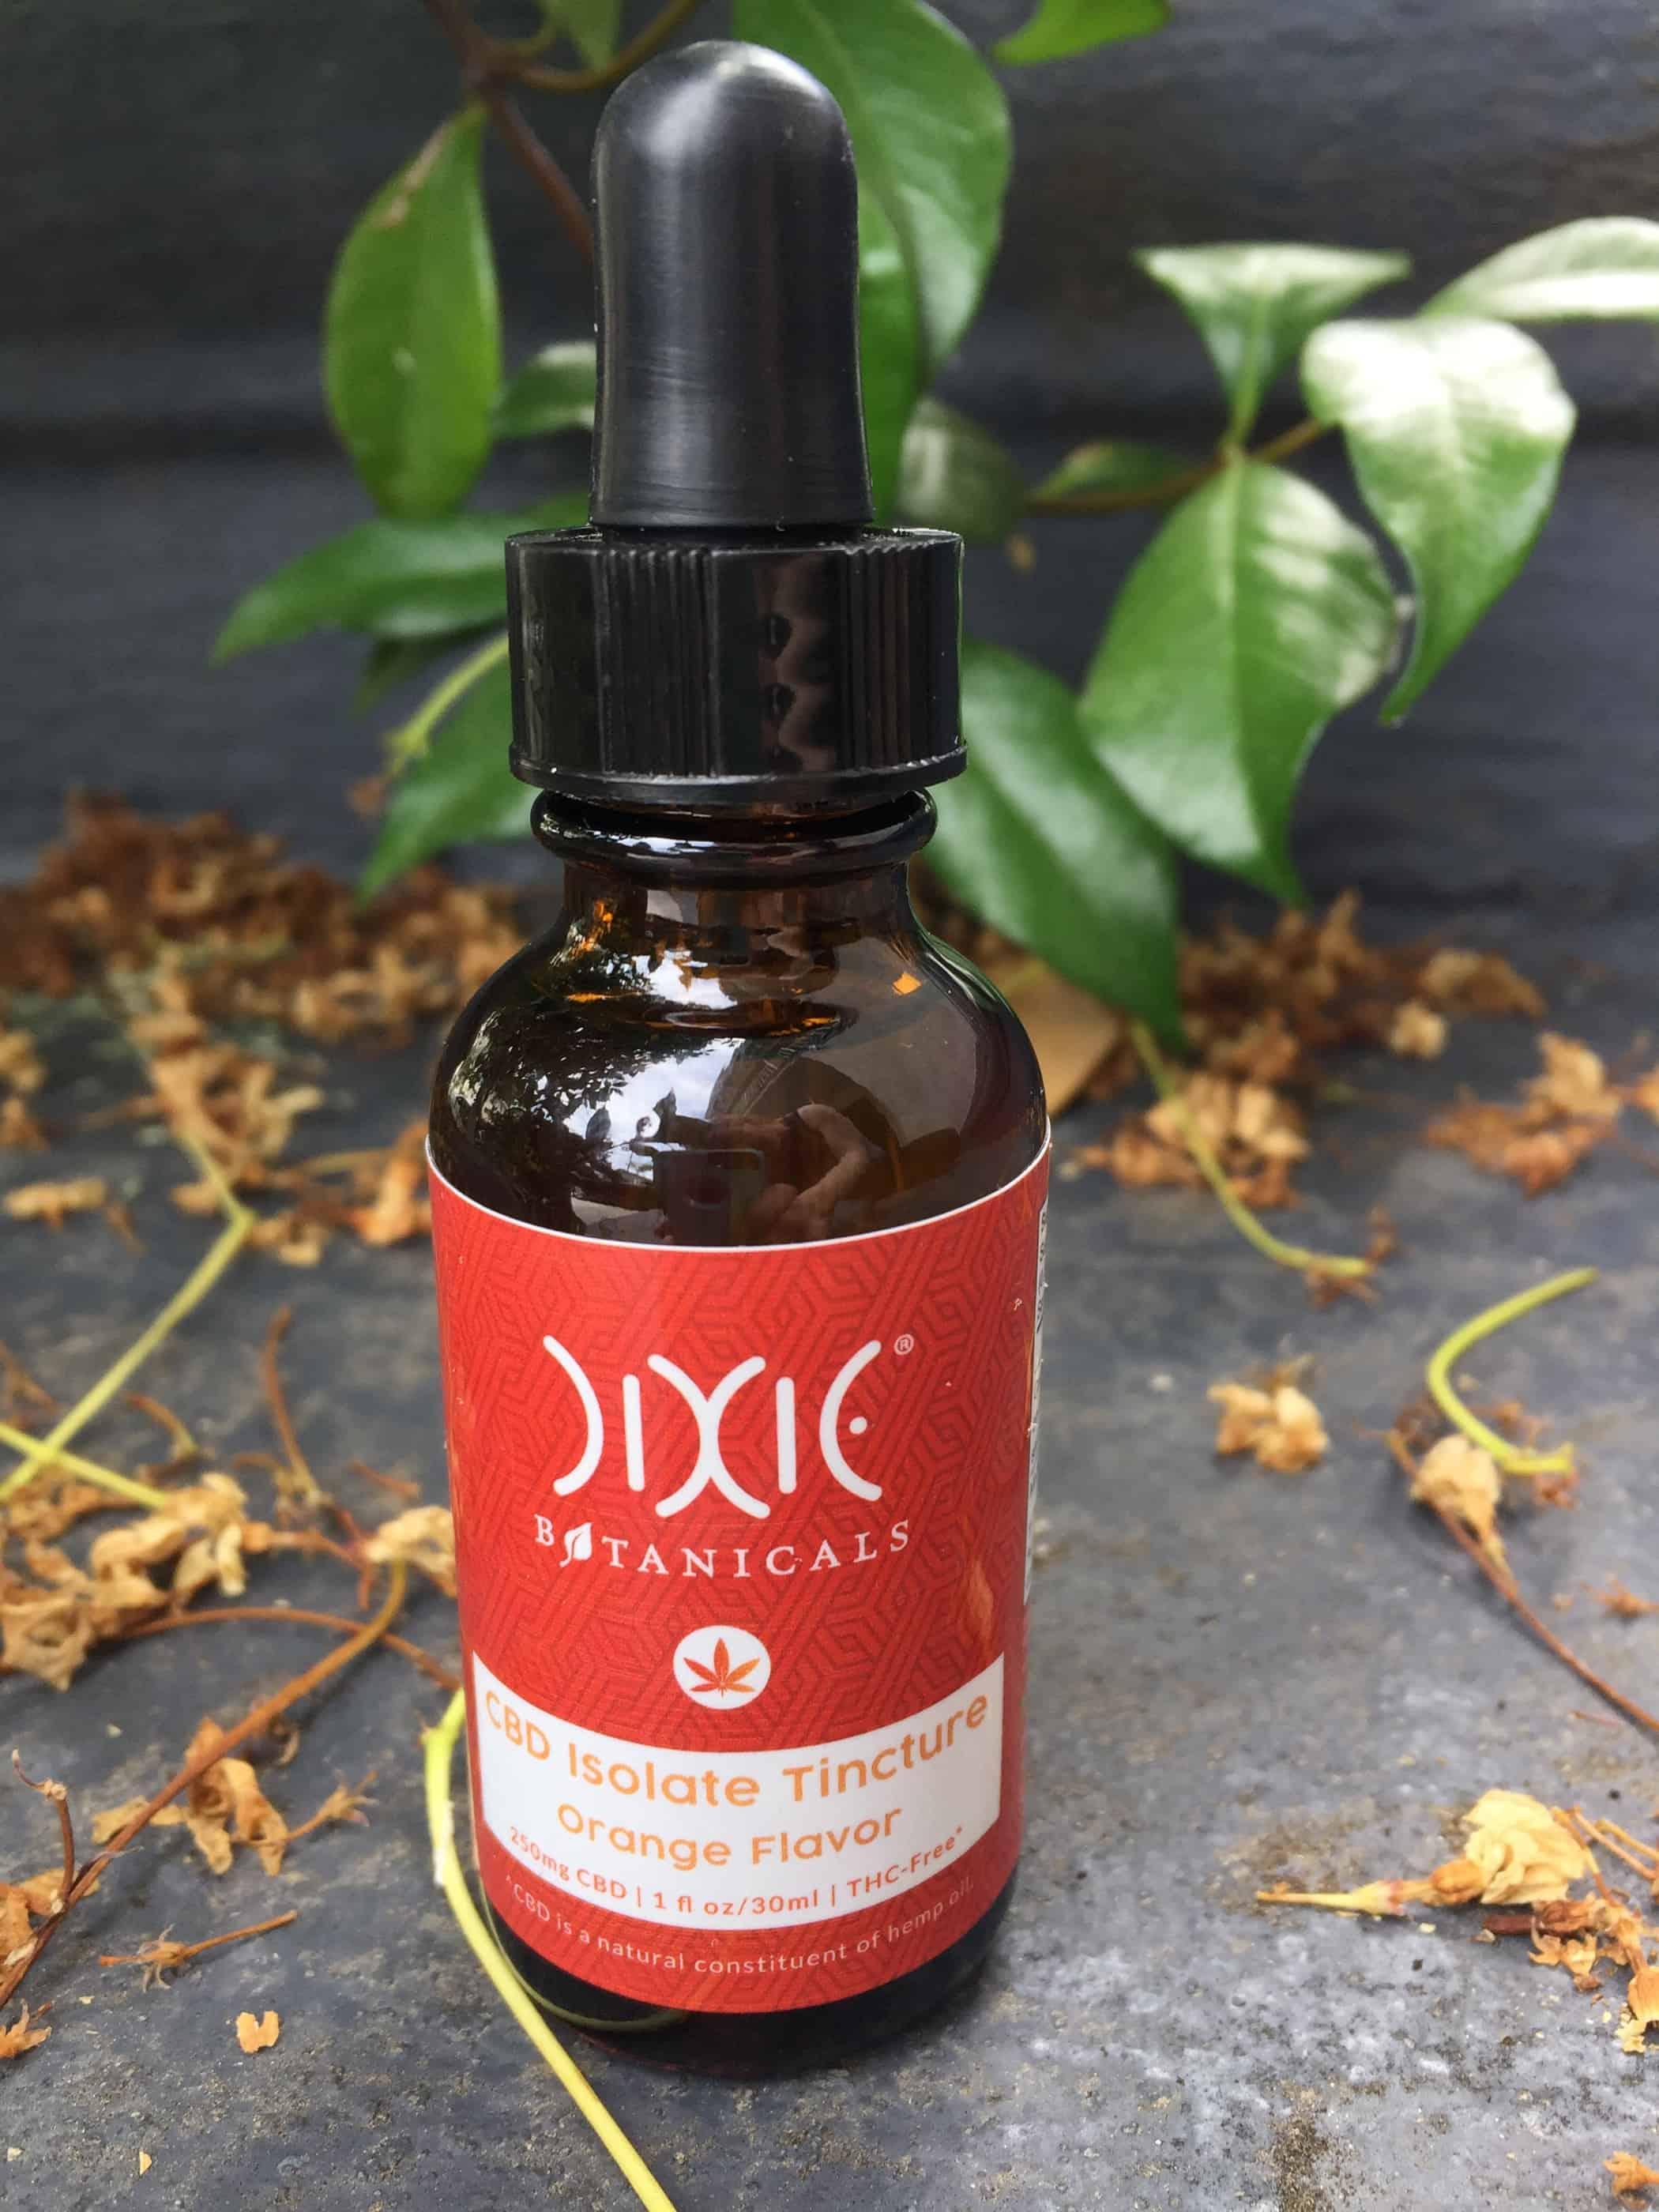 CBD Review: Dixie Botanicals CBD Isolate Tincture Orange Flavor